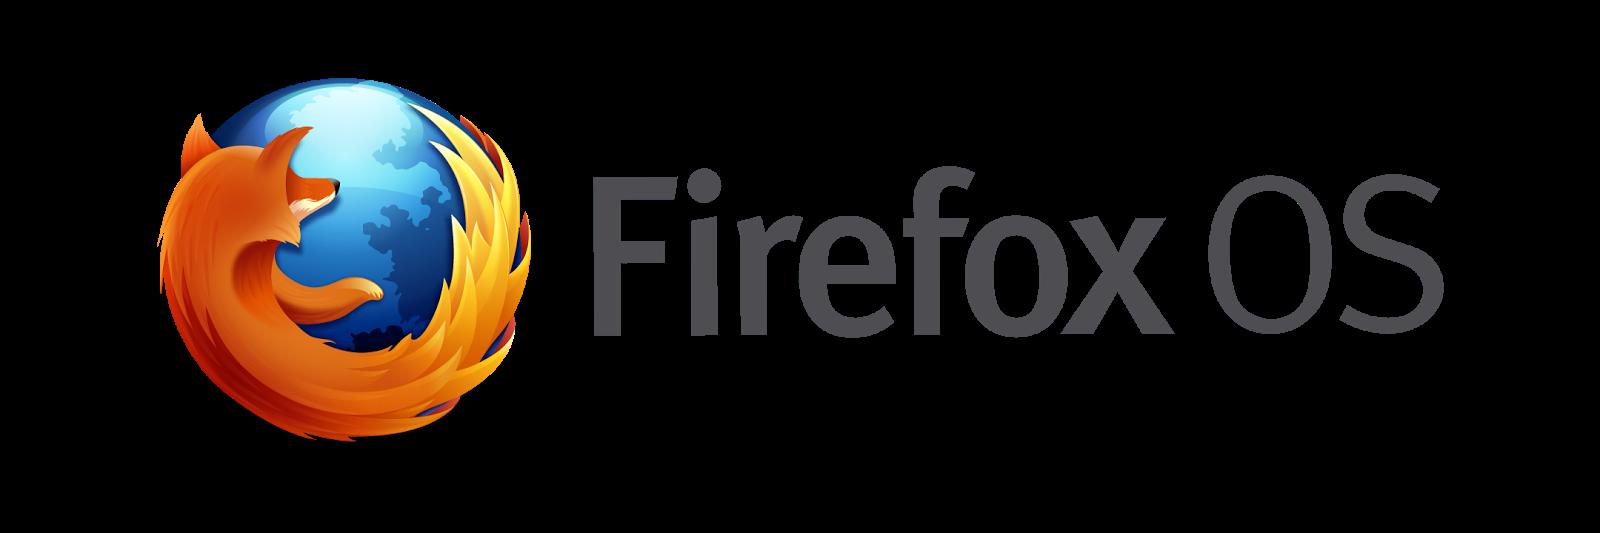 Firefox OS para Teléfonos